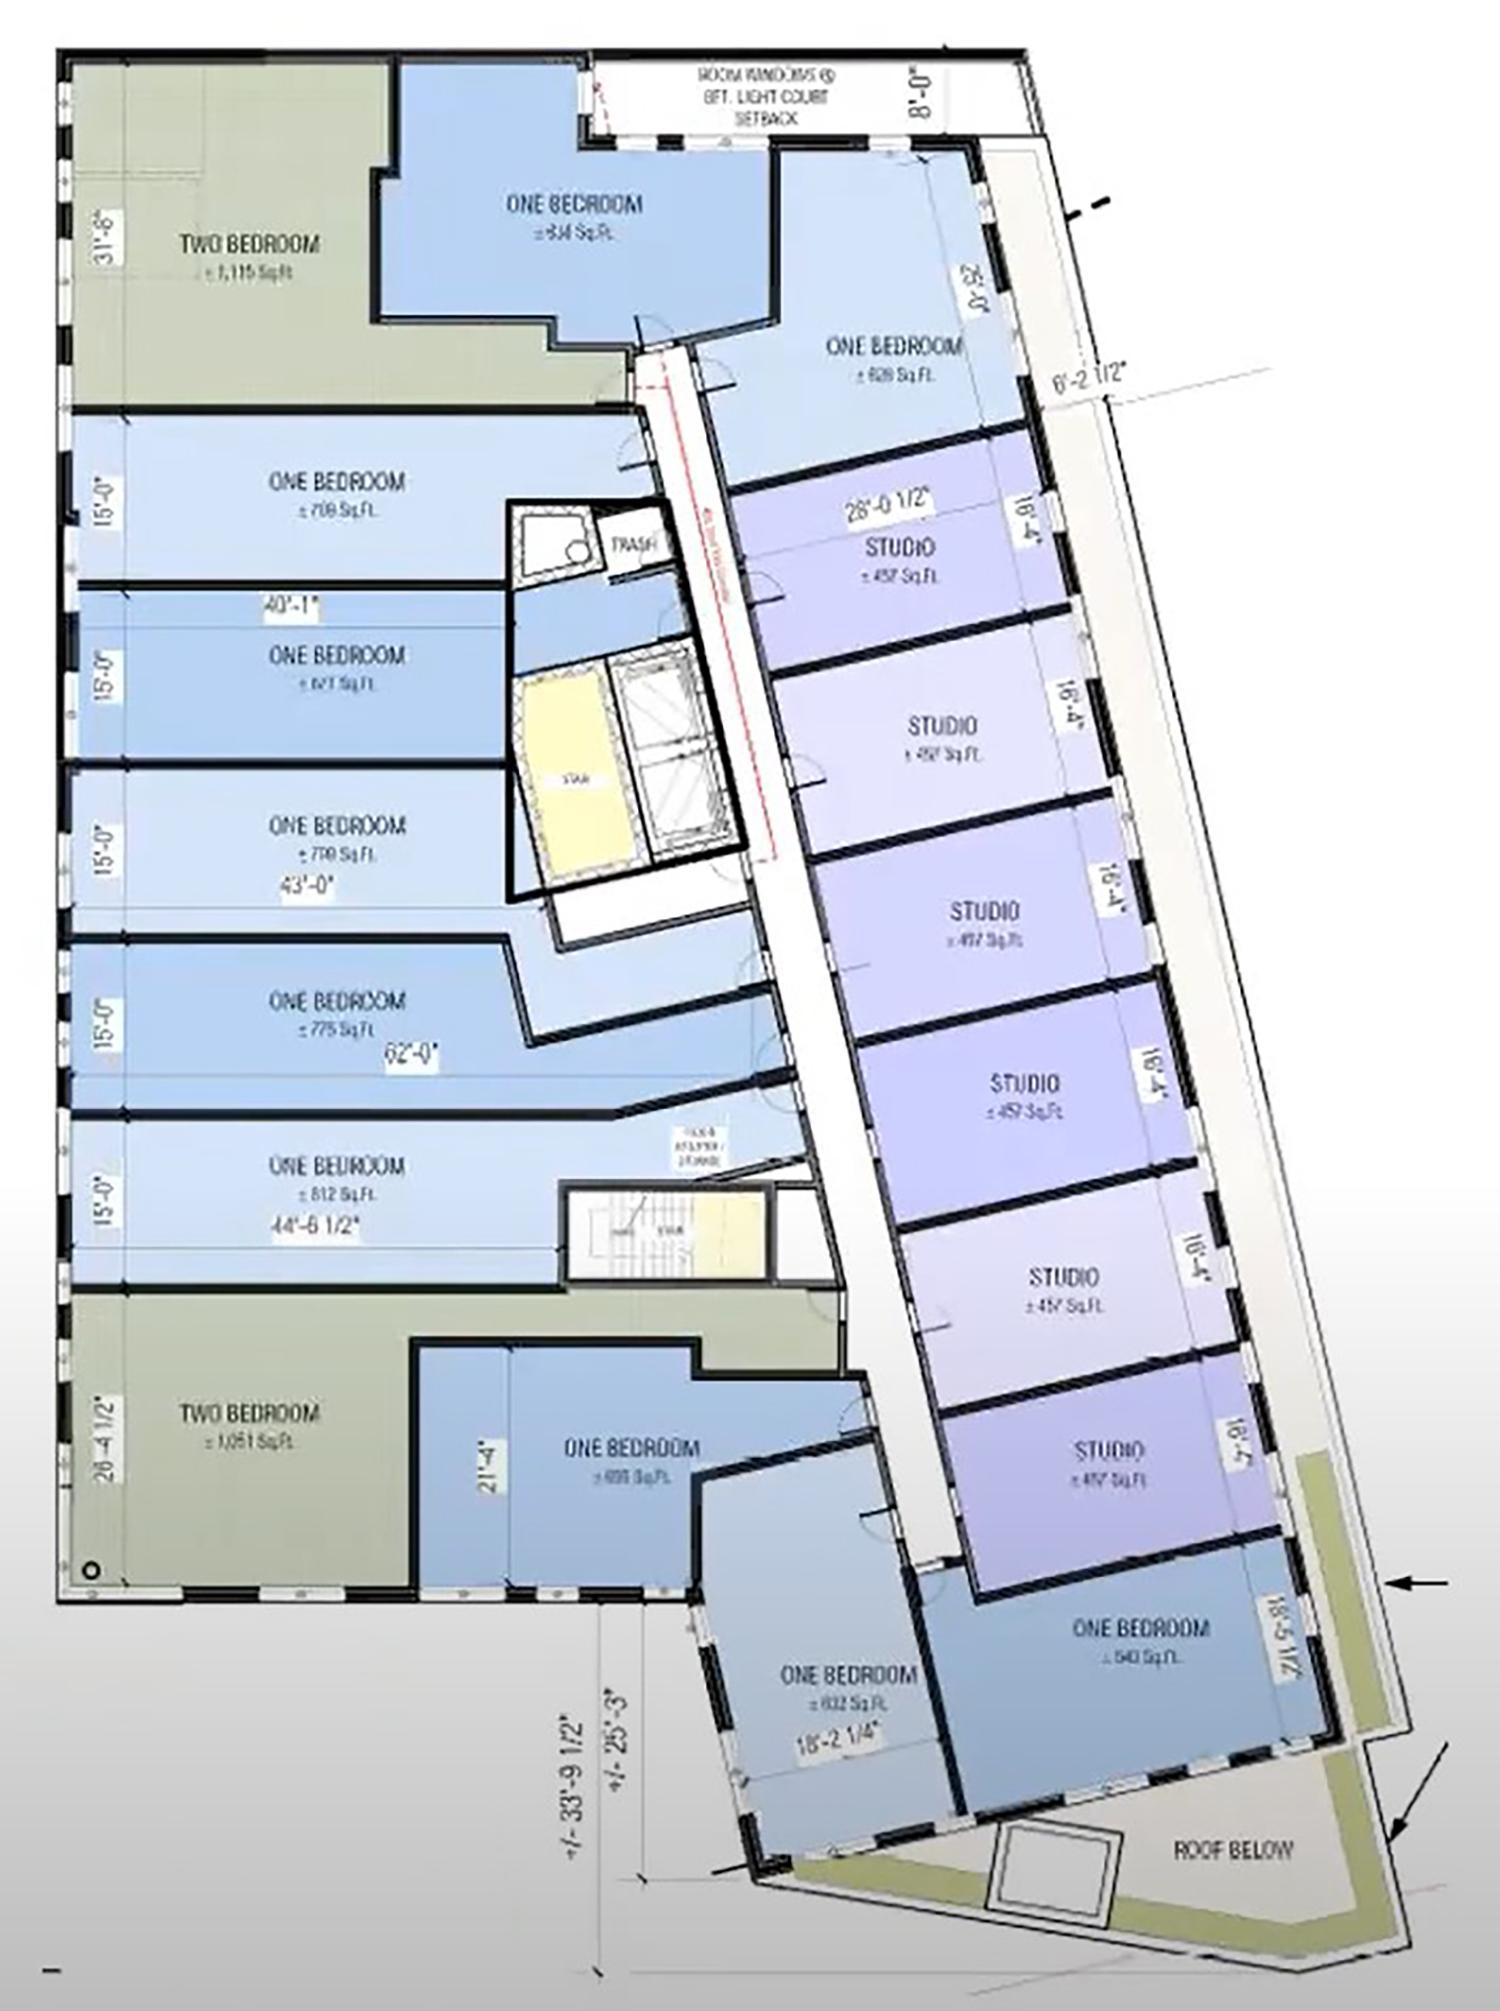 Residential Floor Plan for 4715 N Western Avenue. Drawing by DesignBridge